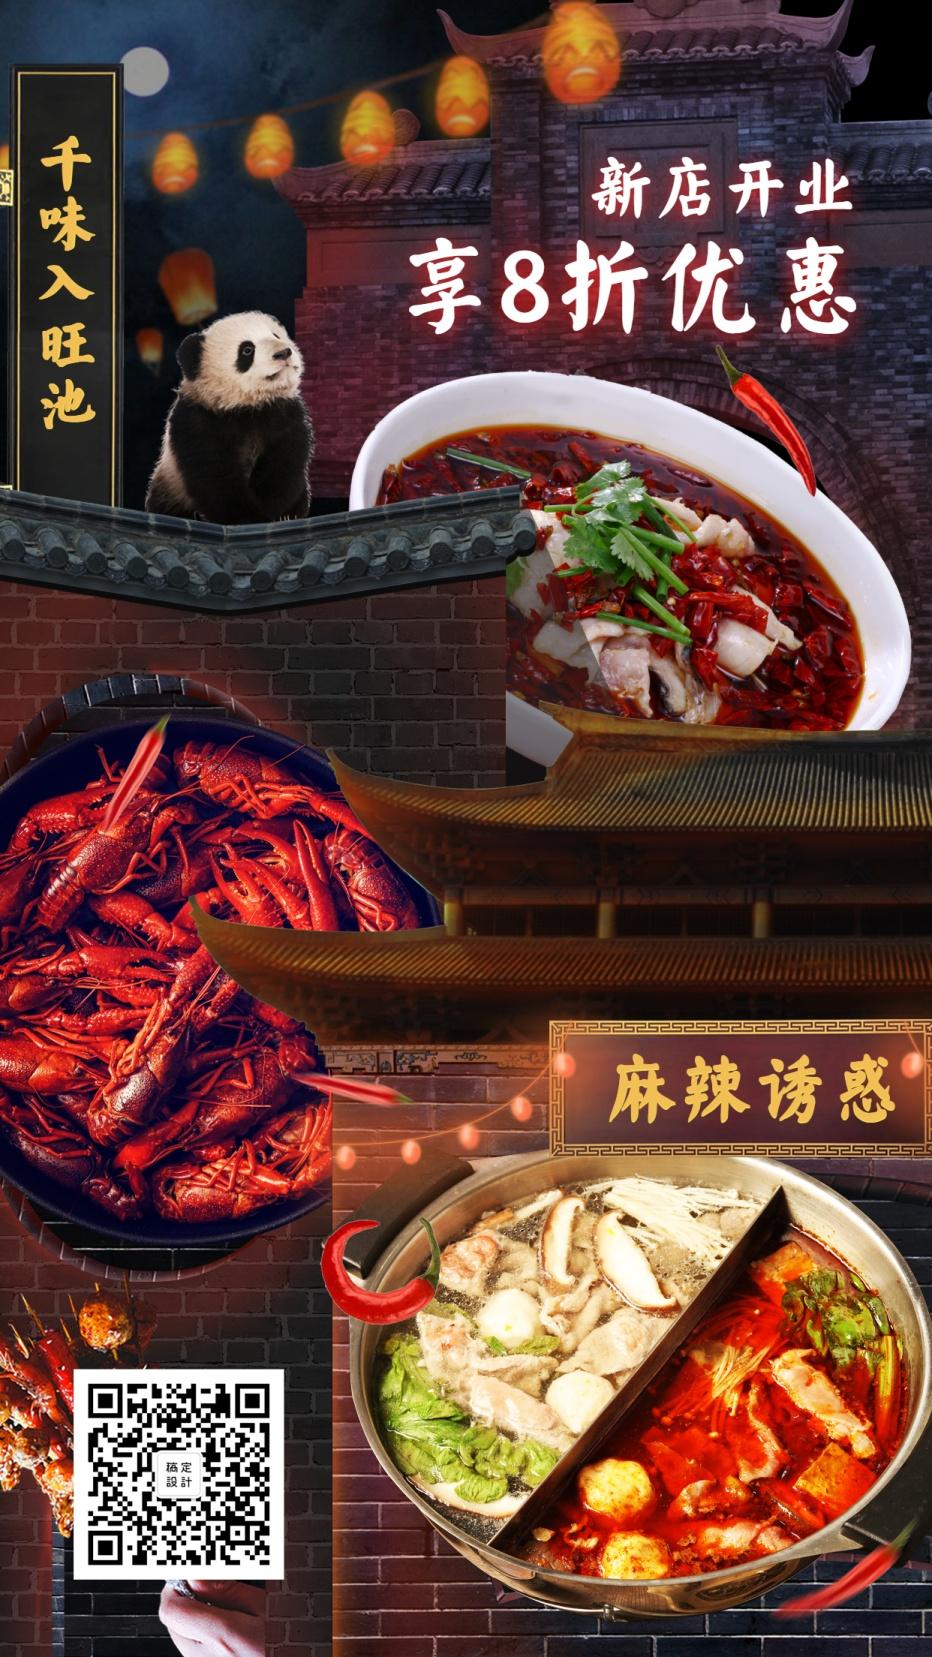 餐饮美食/新店开业/折扣/喜庆实景/手机海报